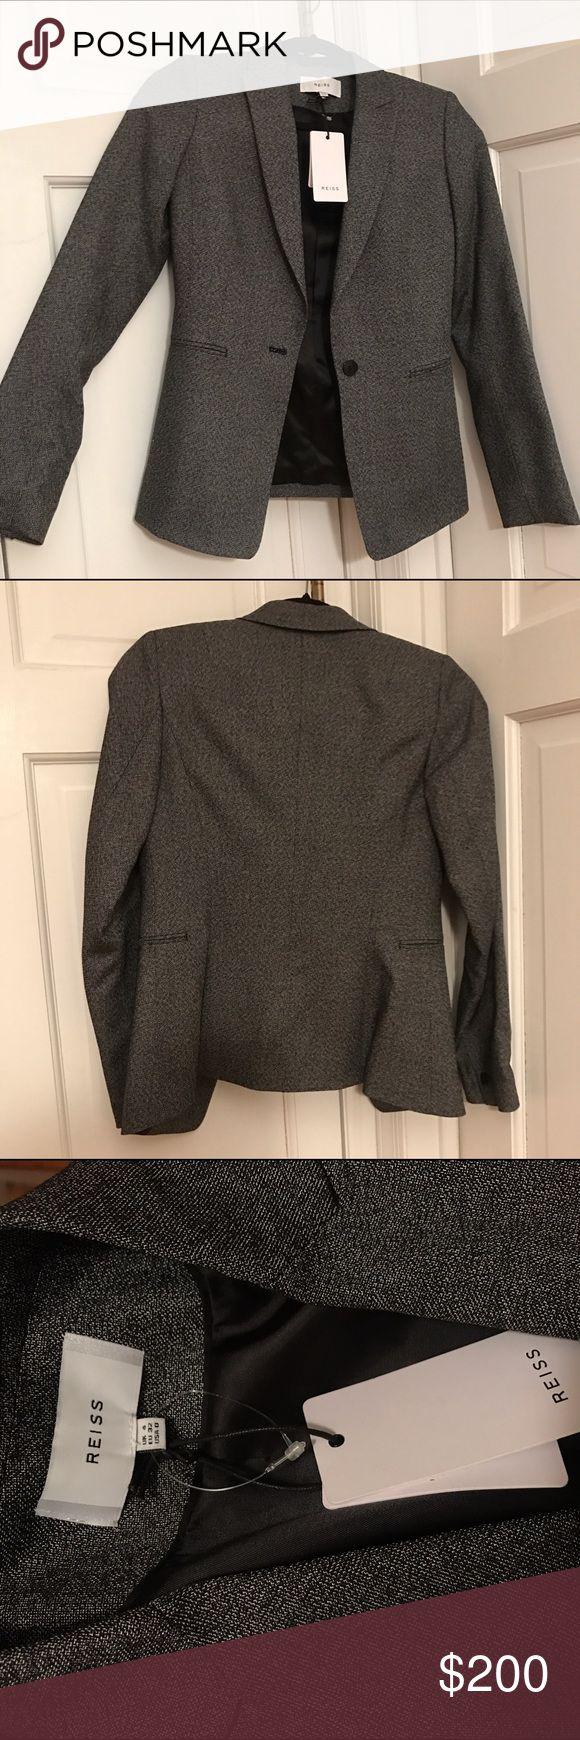 Reiss Dark Grey Blazer USA 0 Brand New W Tags Reiss Dark Grey Blazer USA 0 Brand New W Tags. ABSOLUTELY FLAWLESS BLAZER 😍 Reiss Jackets & Coats Blazers